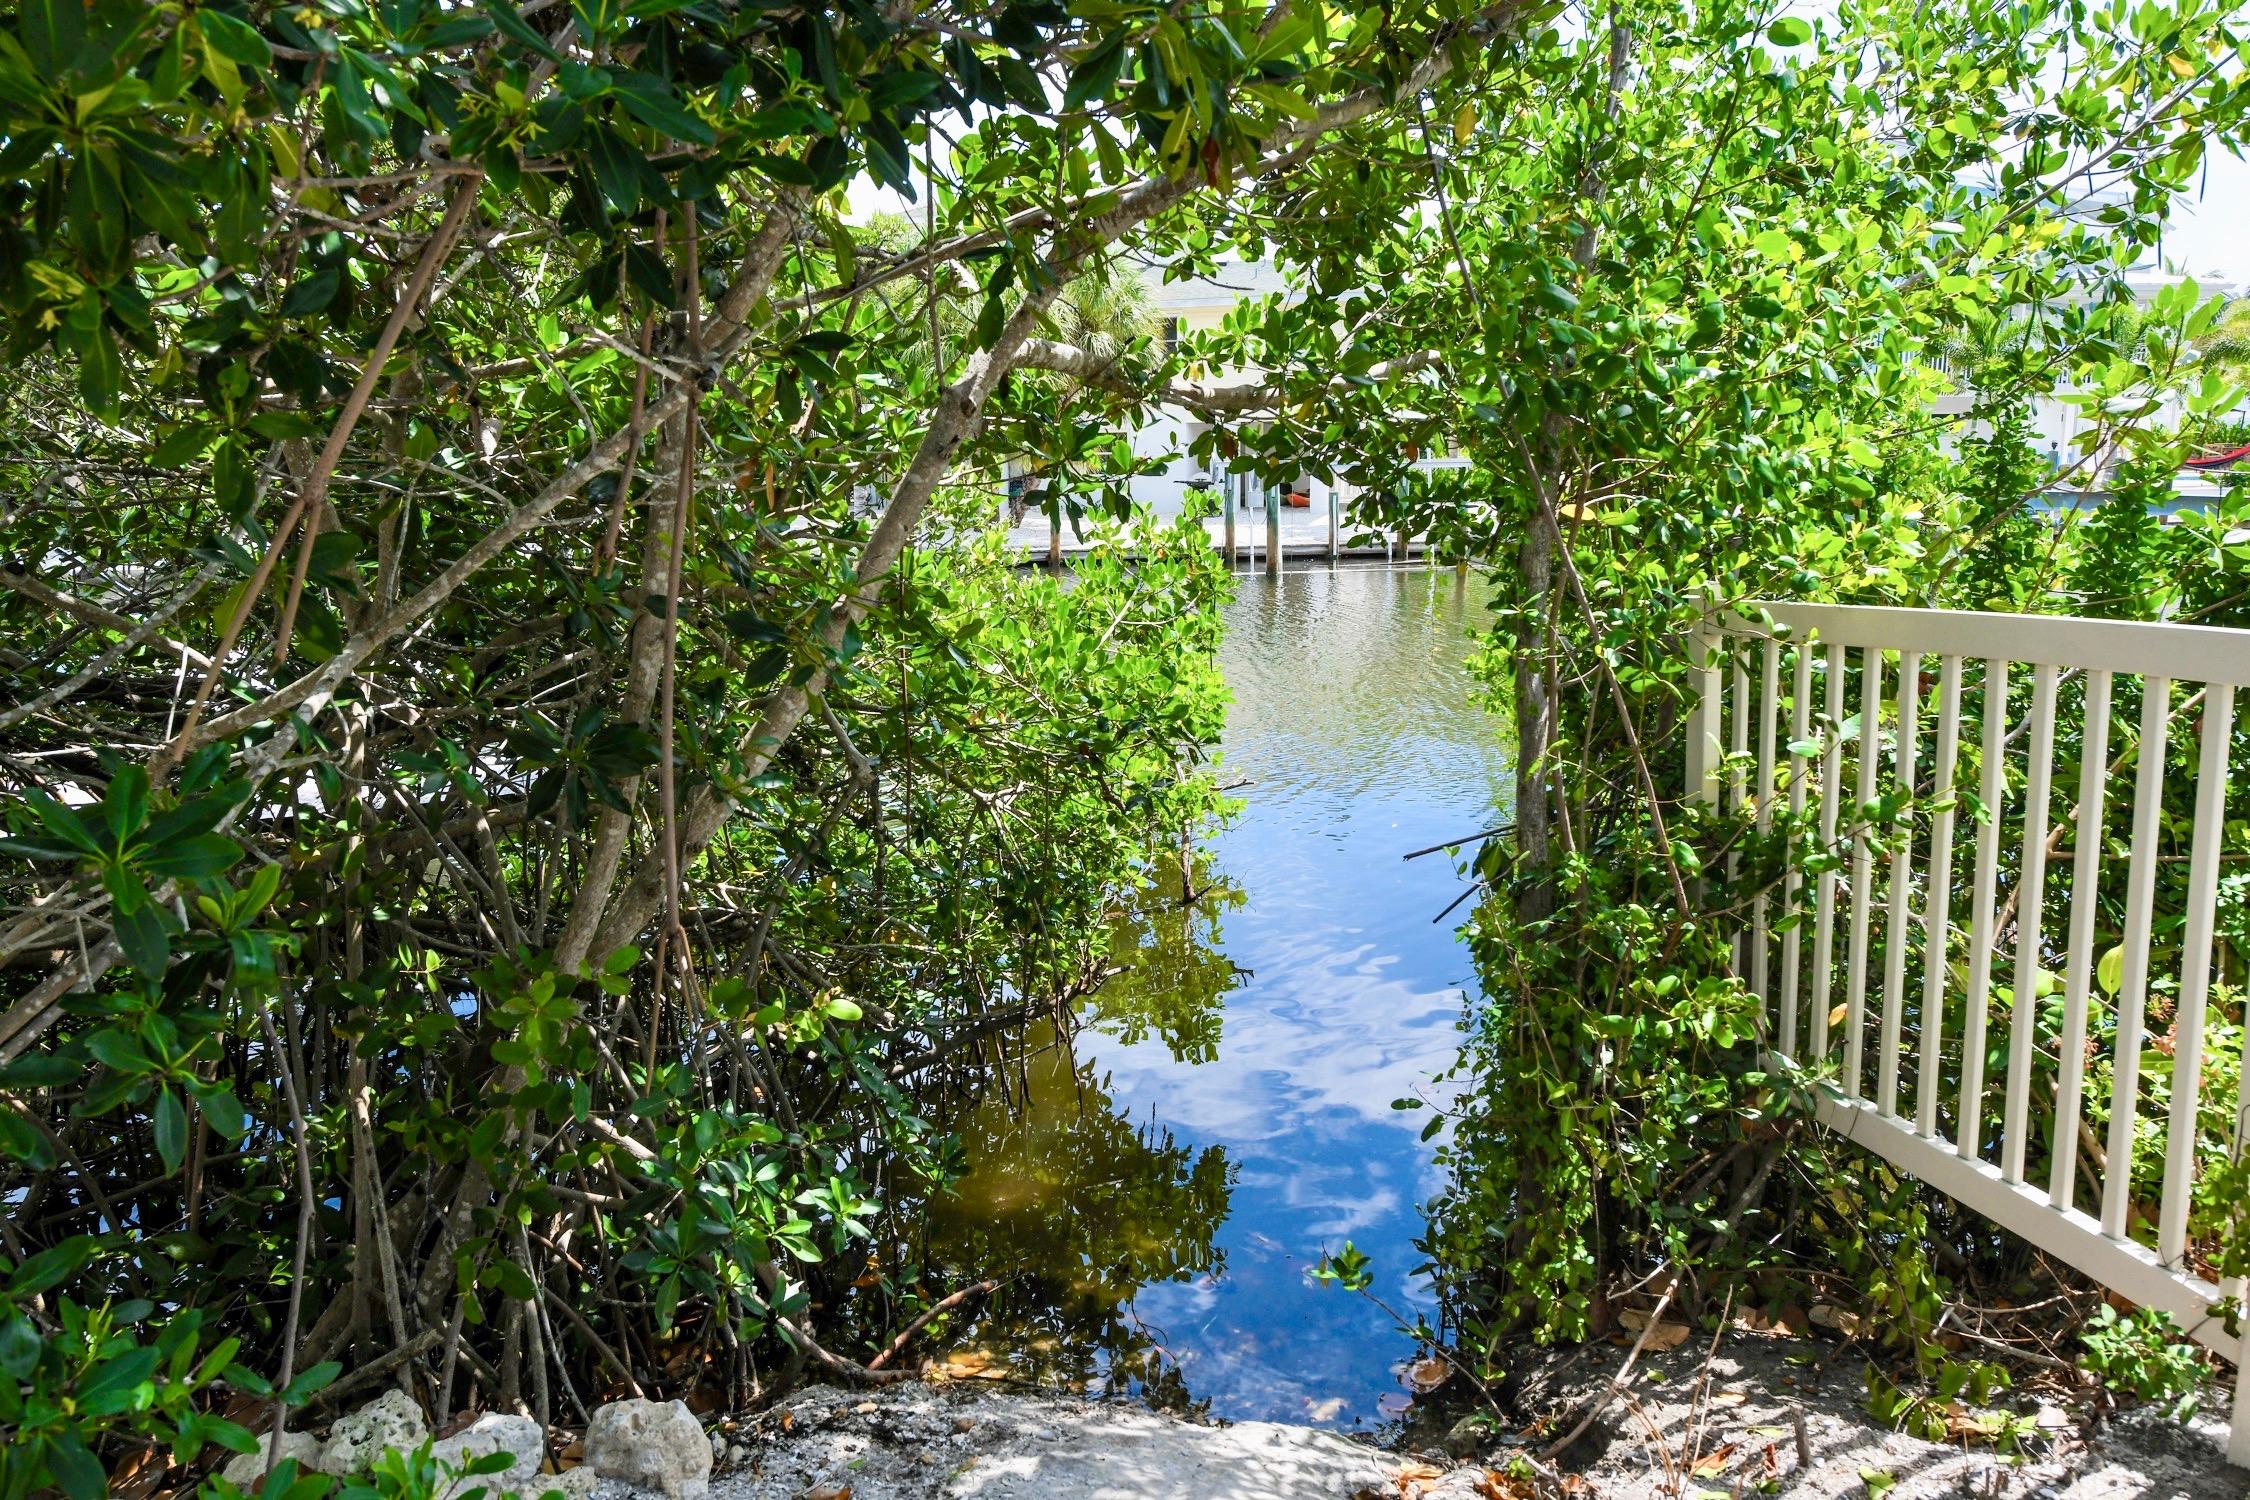 Sirenia Cove Kayak Launch